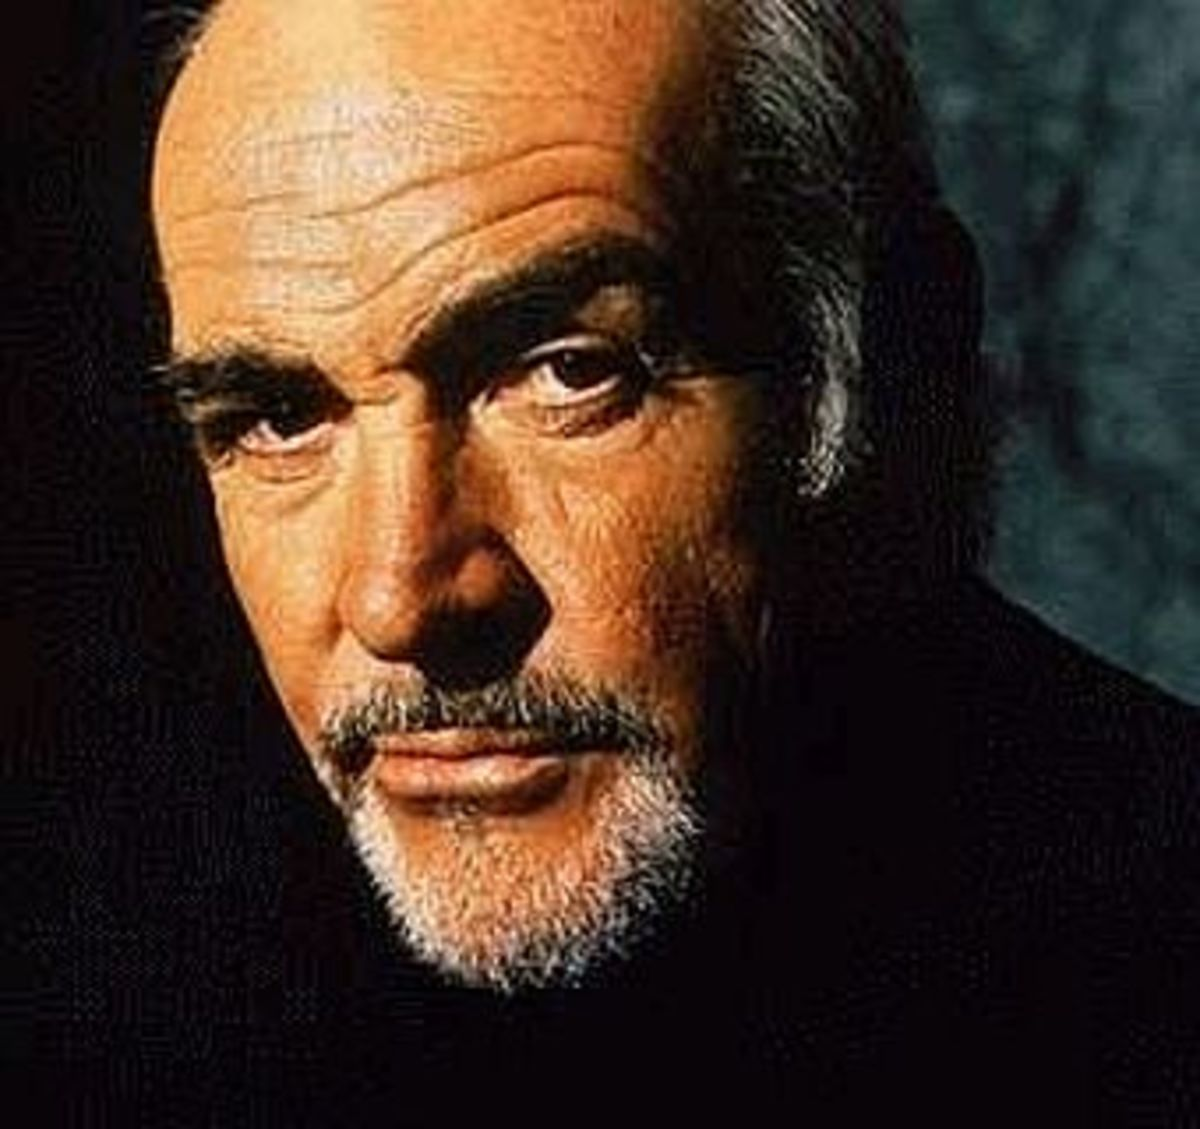 Sean Connery bald